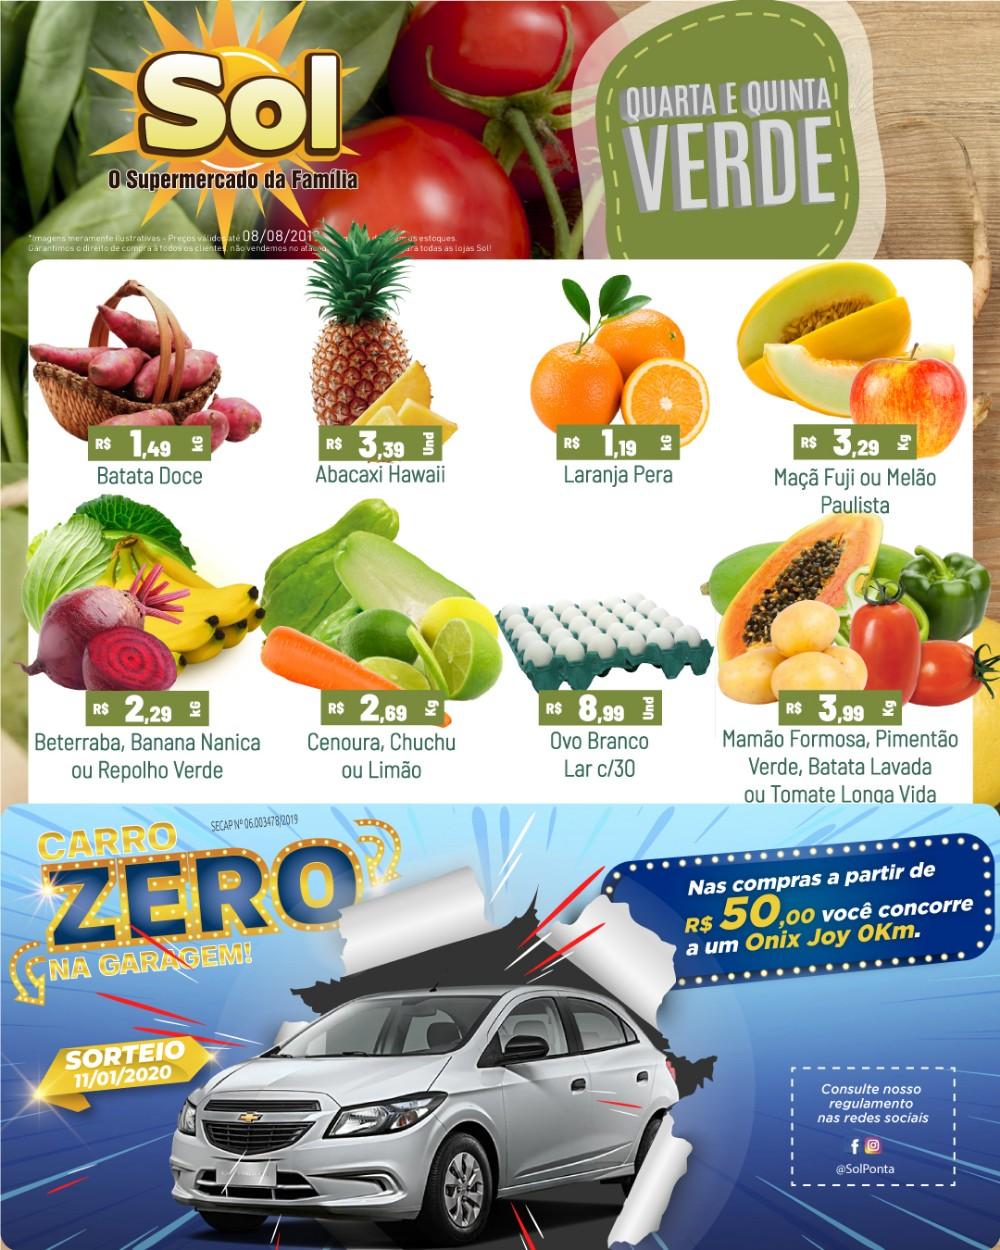 Compre no Supermercado Sol e aproveitem as ofertas da Quinta Verde e concorra a um carro 0Km